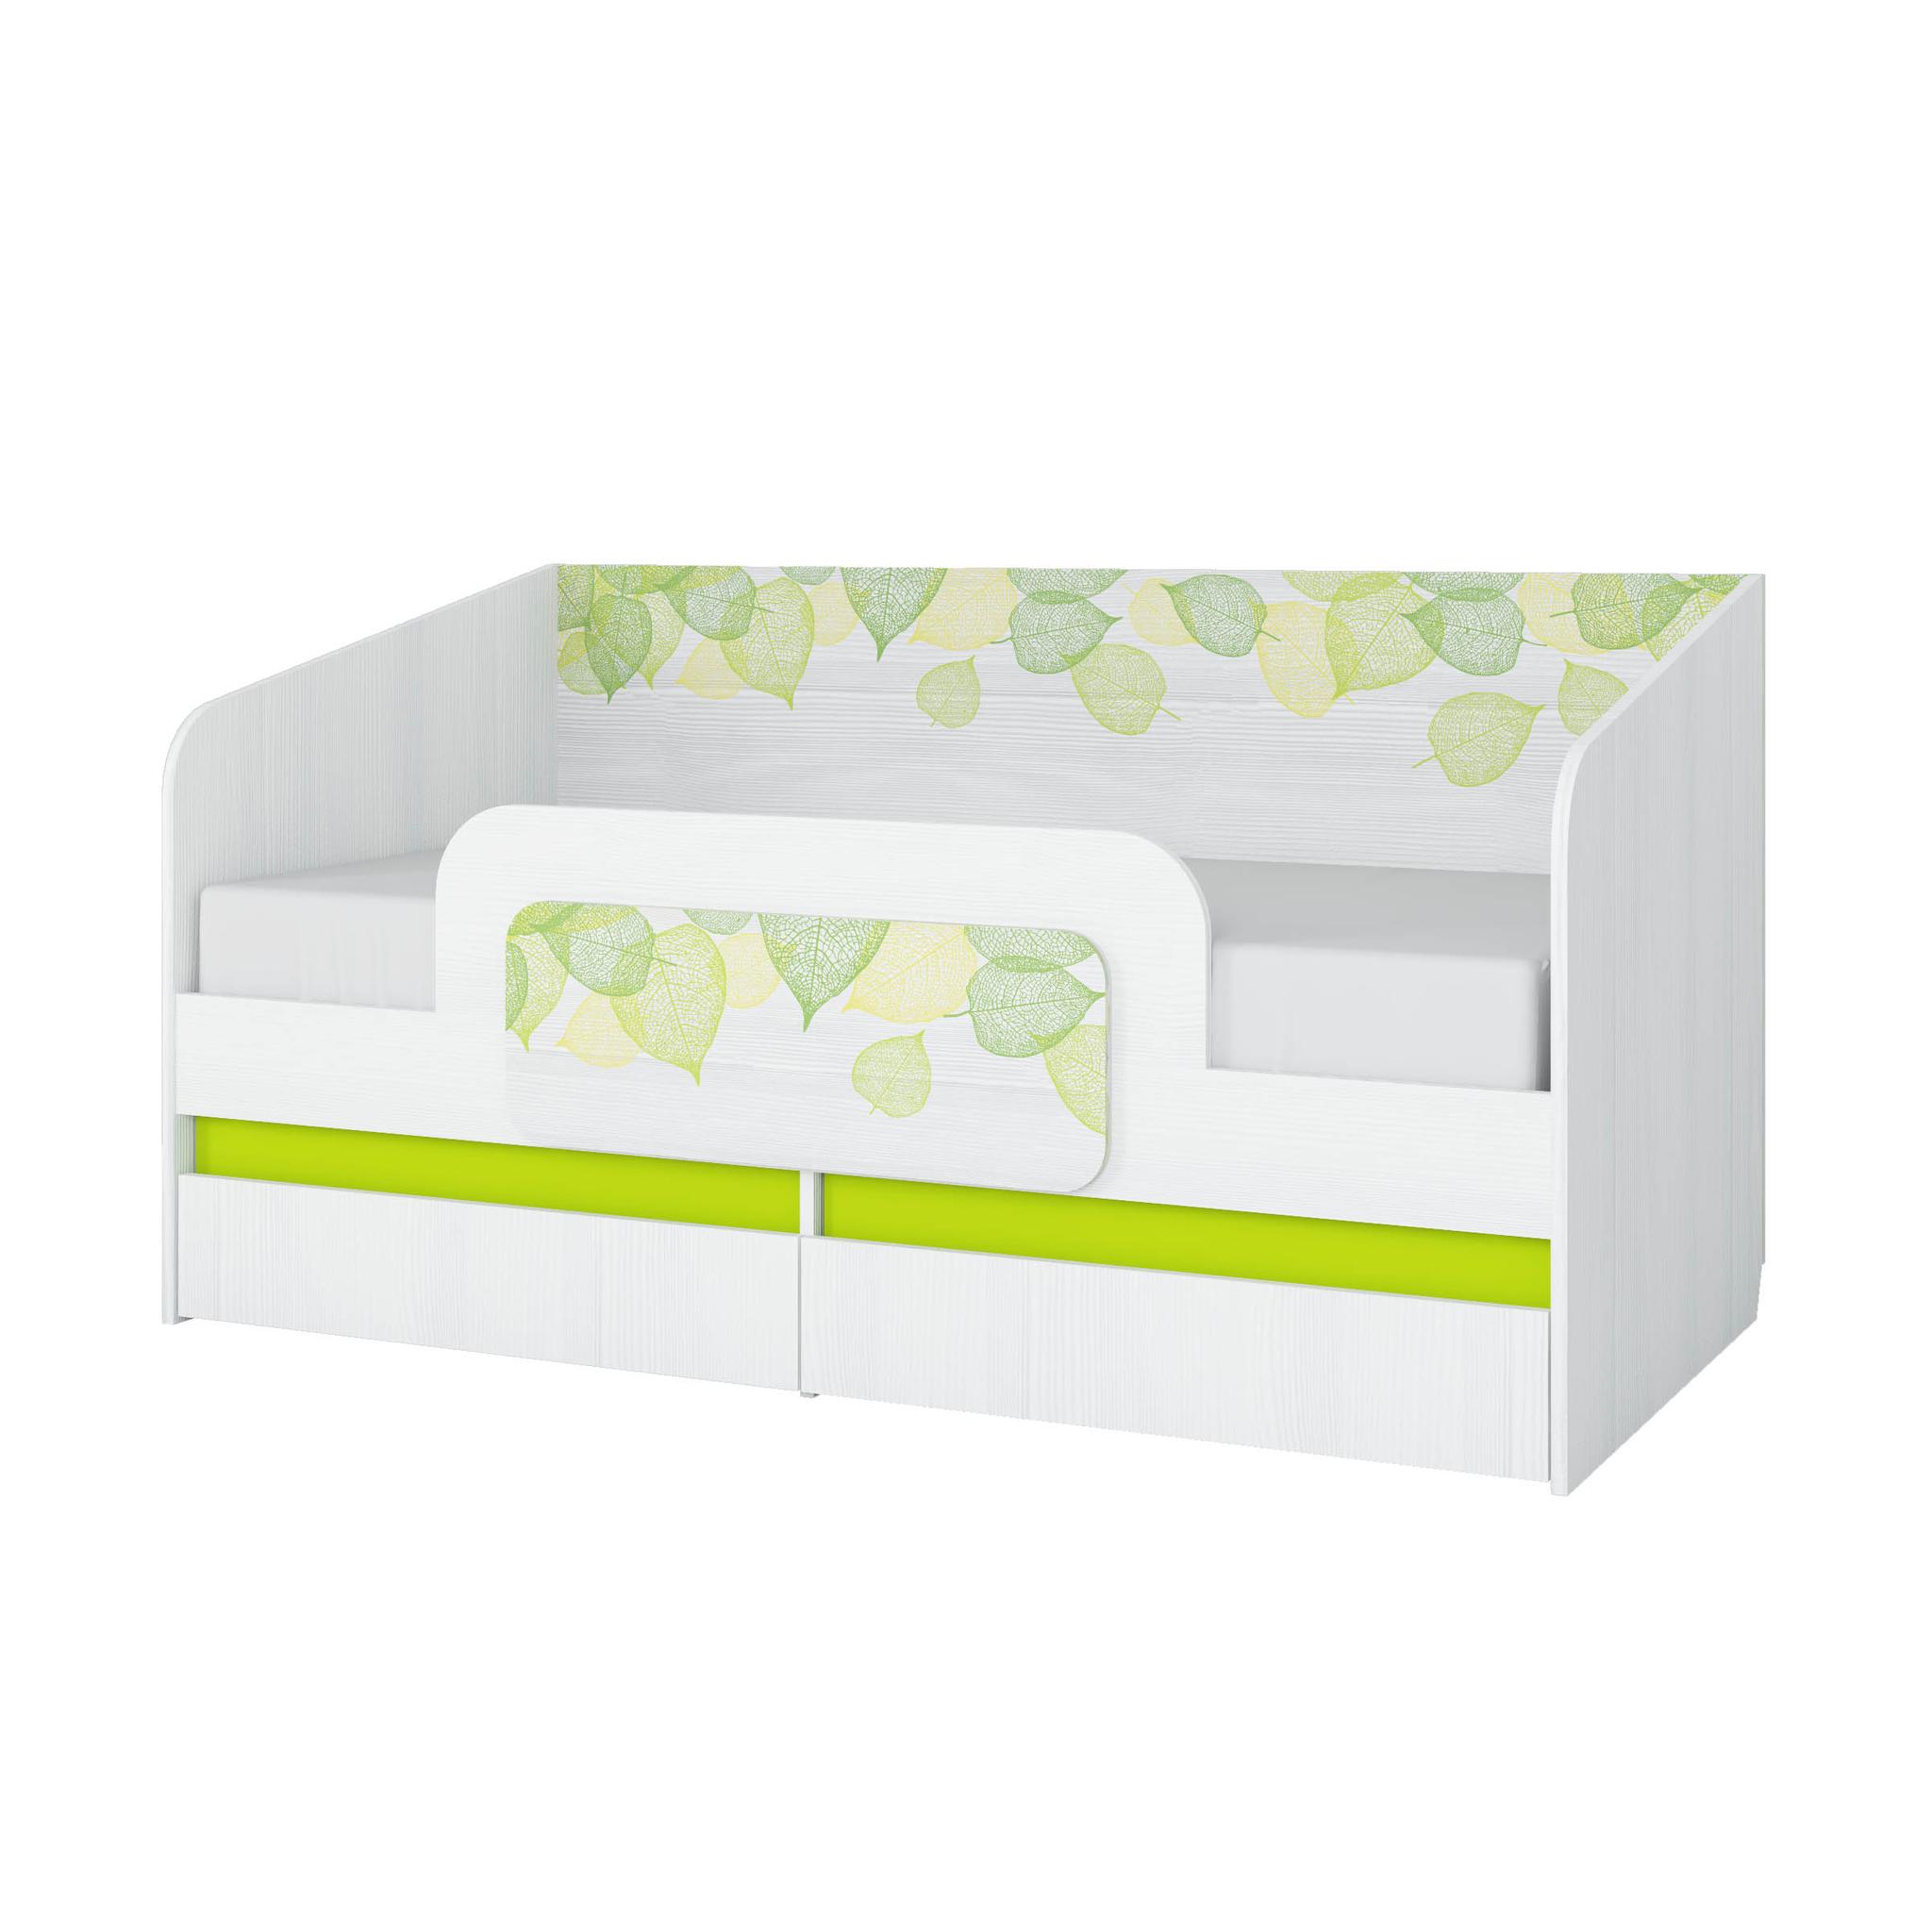 Эко №800.4 Кровать тахта